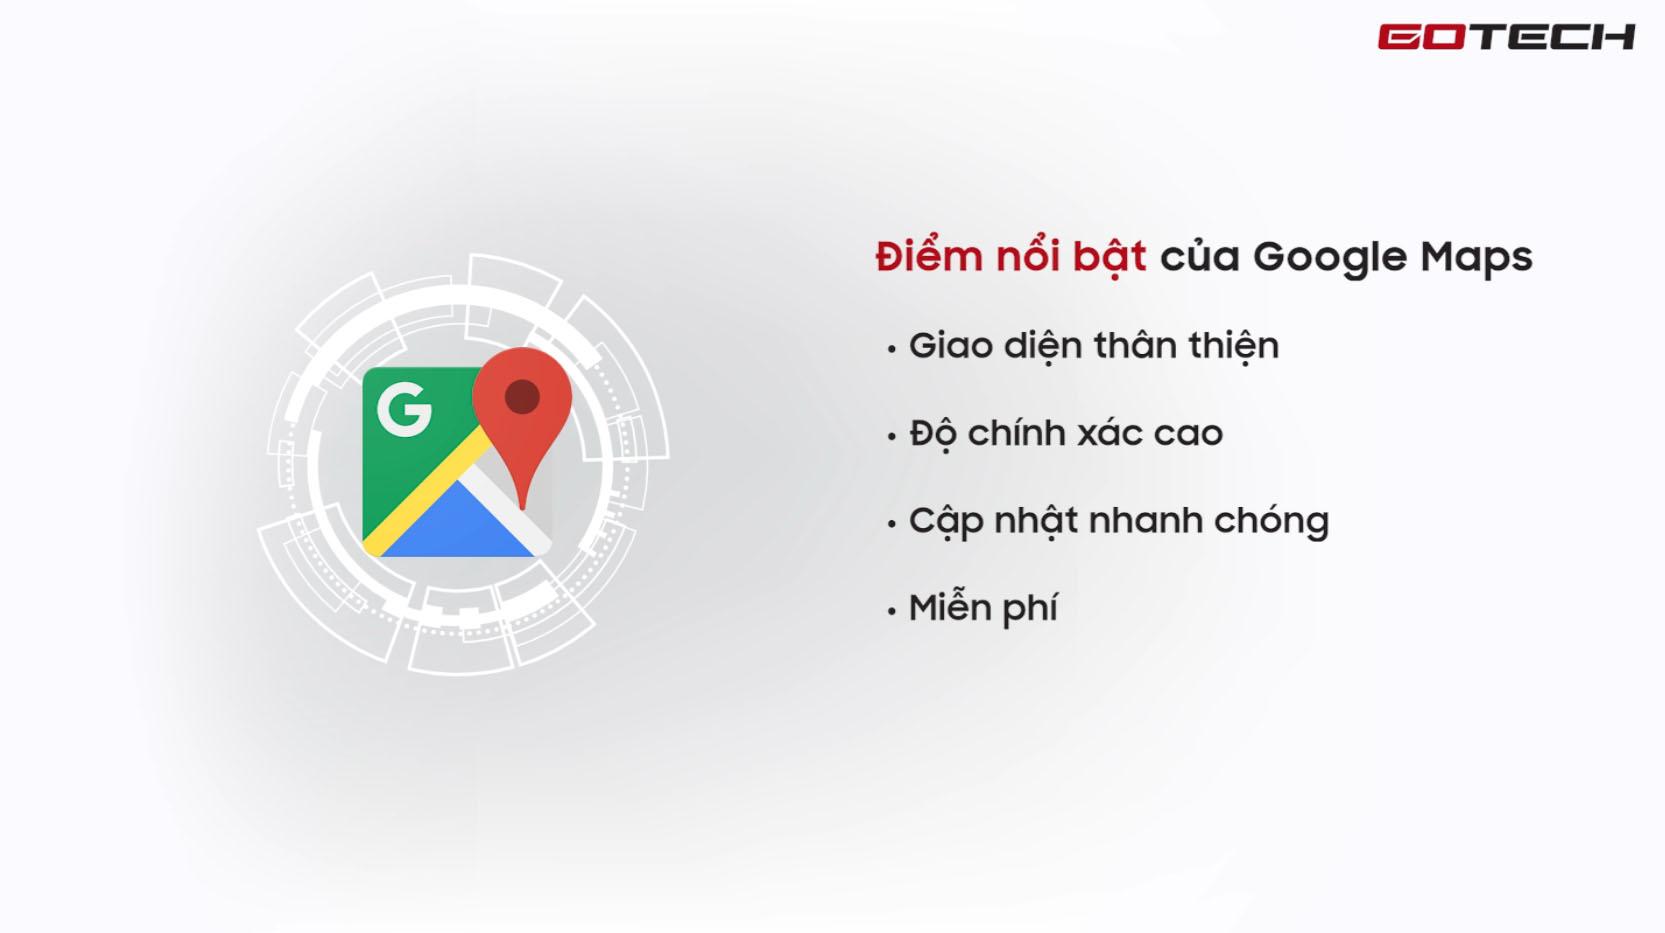 Lợi ích của việc sử dụng ứng dụng chỉ đường Google Map trên màn hình GOTECH